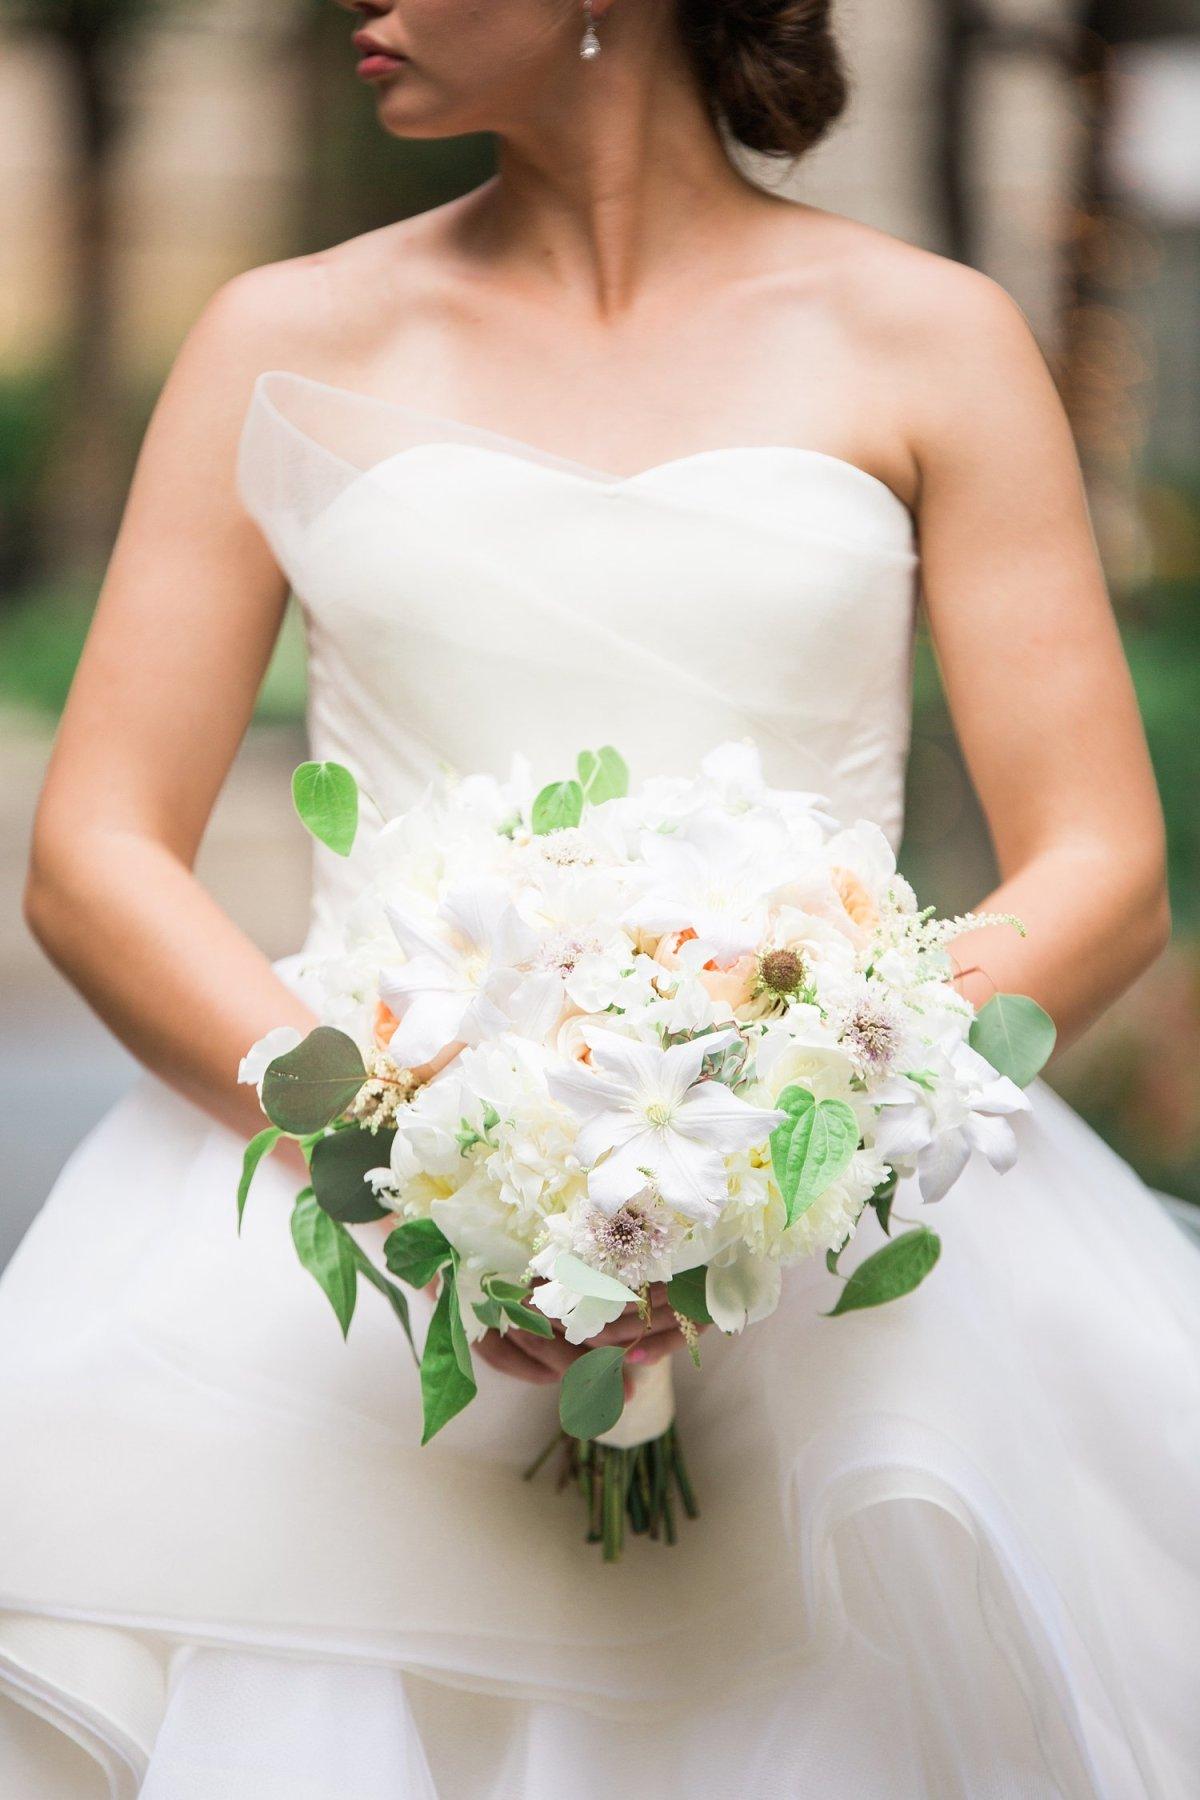 dma-dallas-wedding-photographer-kathryn-chris-06